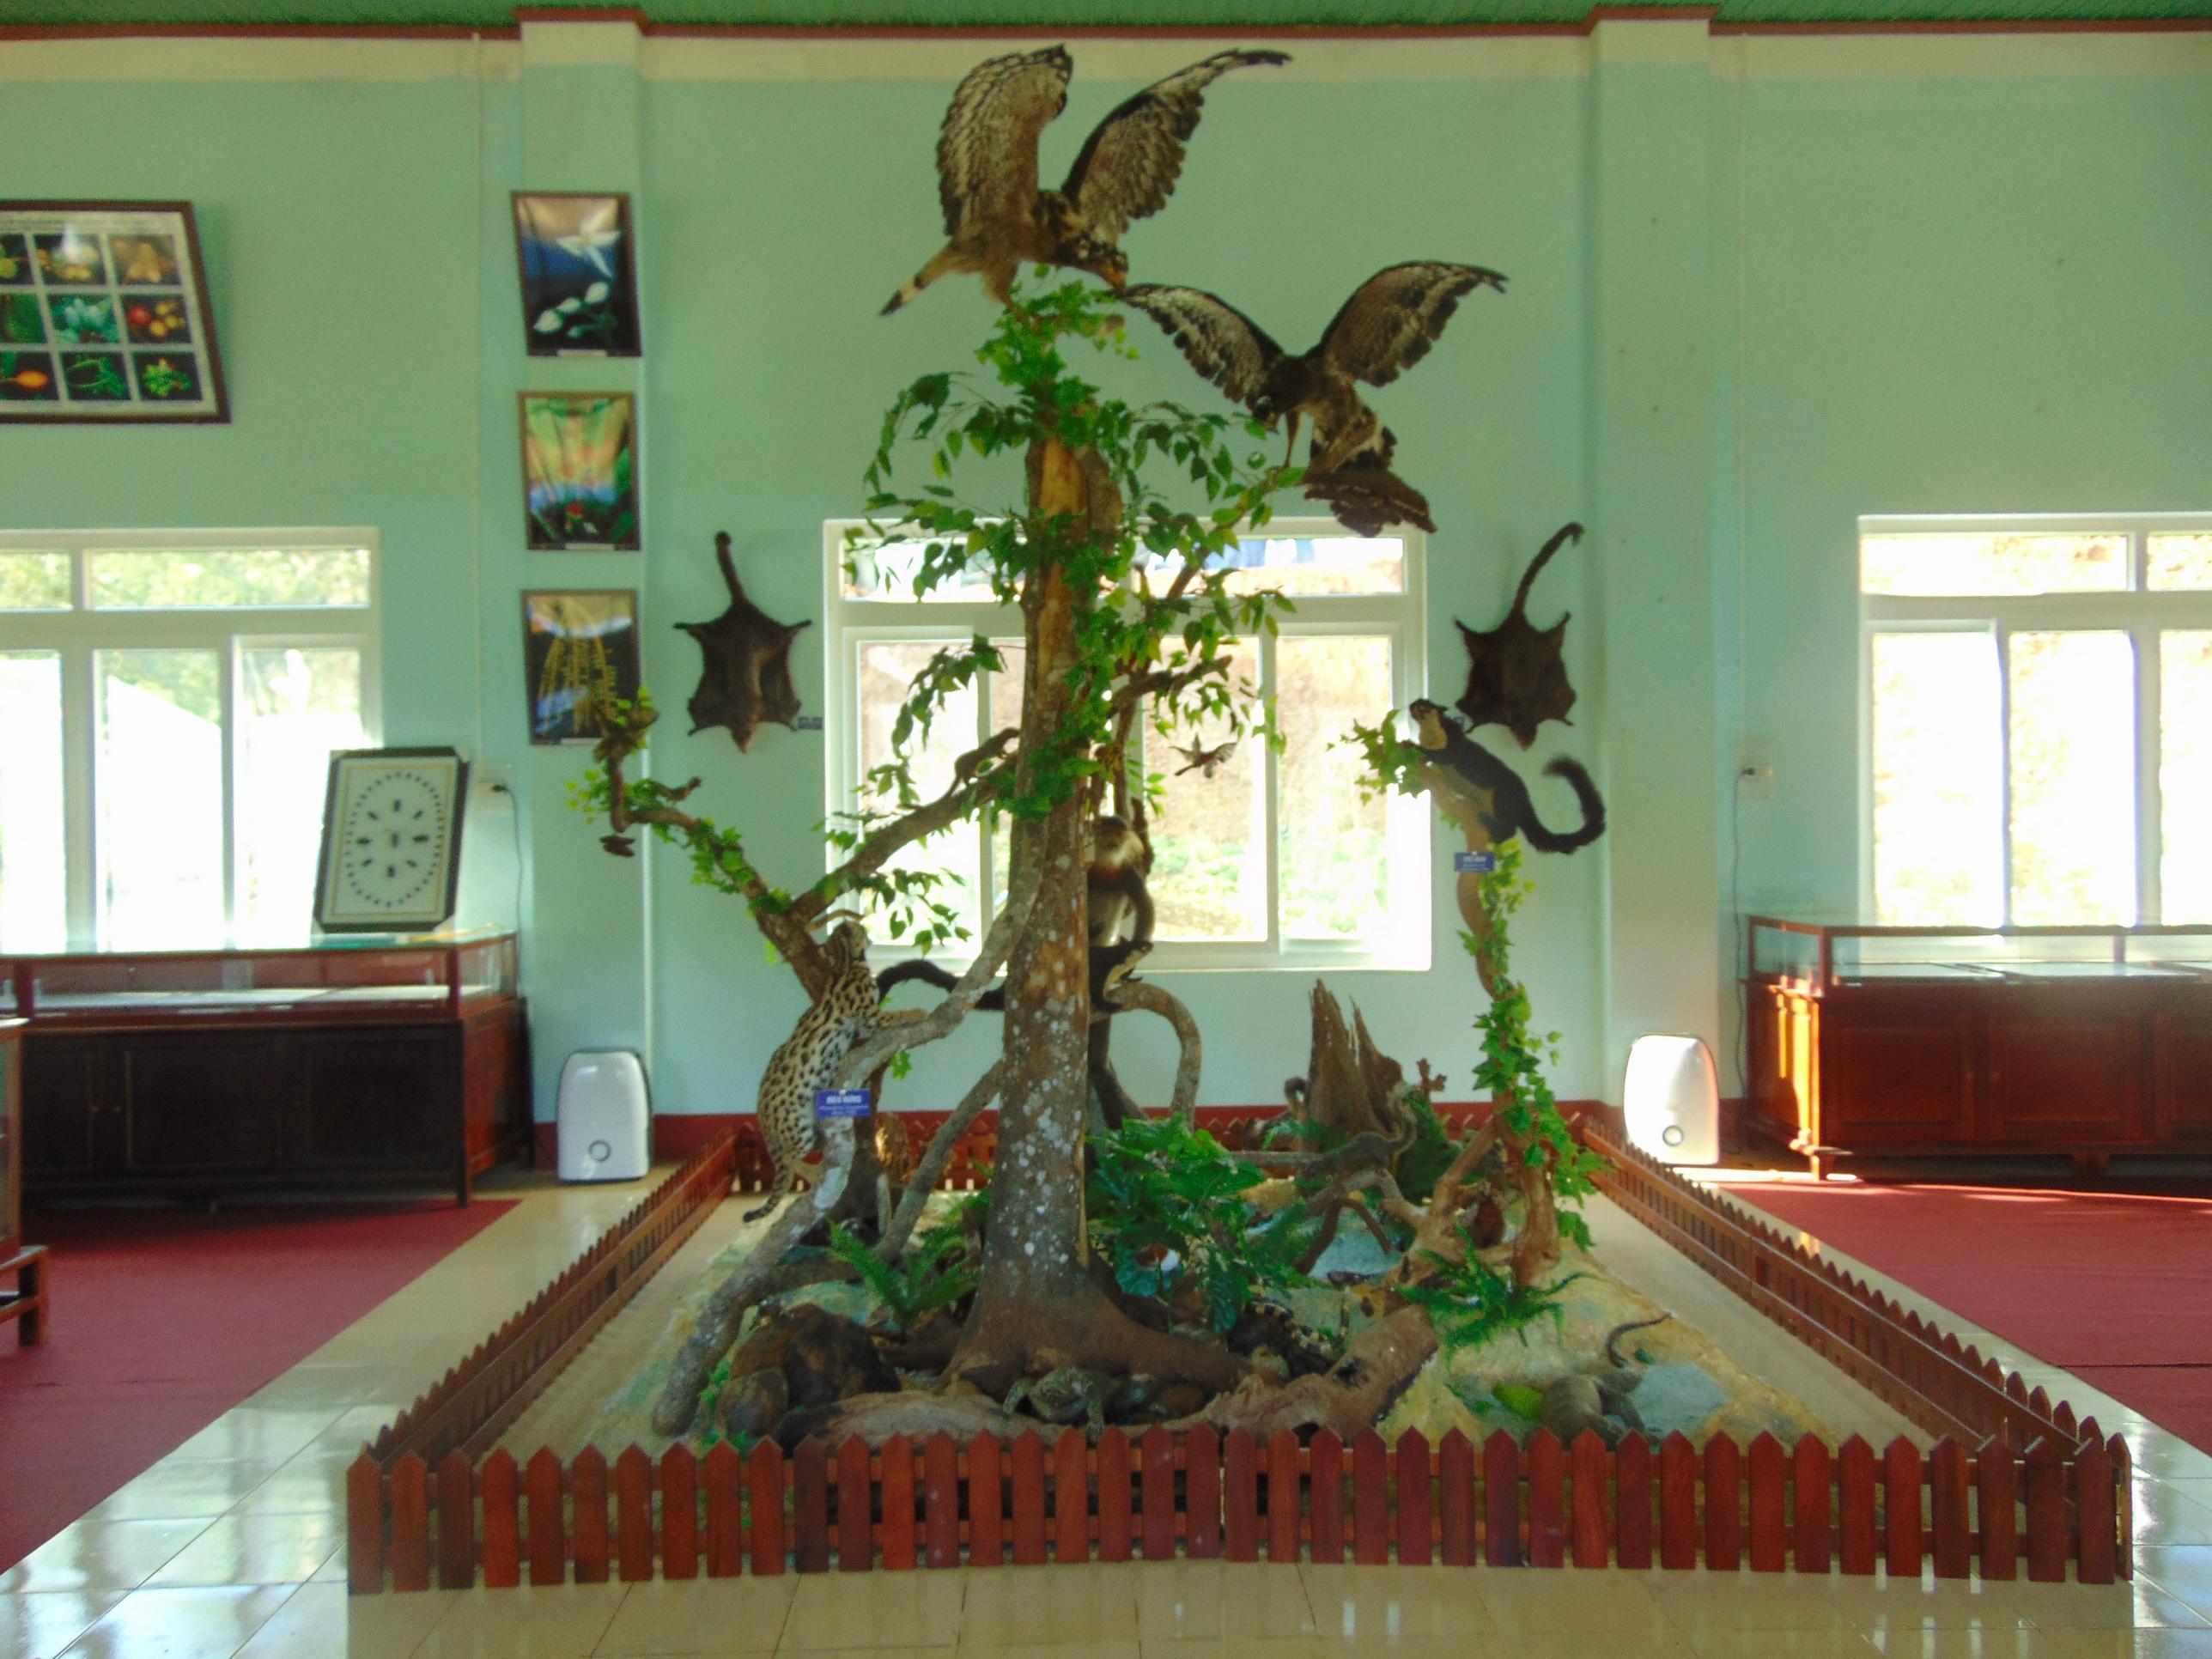 Bảo tàng mẫu động thực vật lên sóng